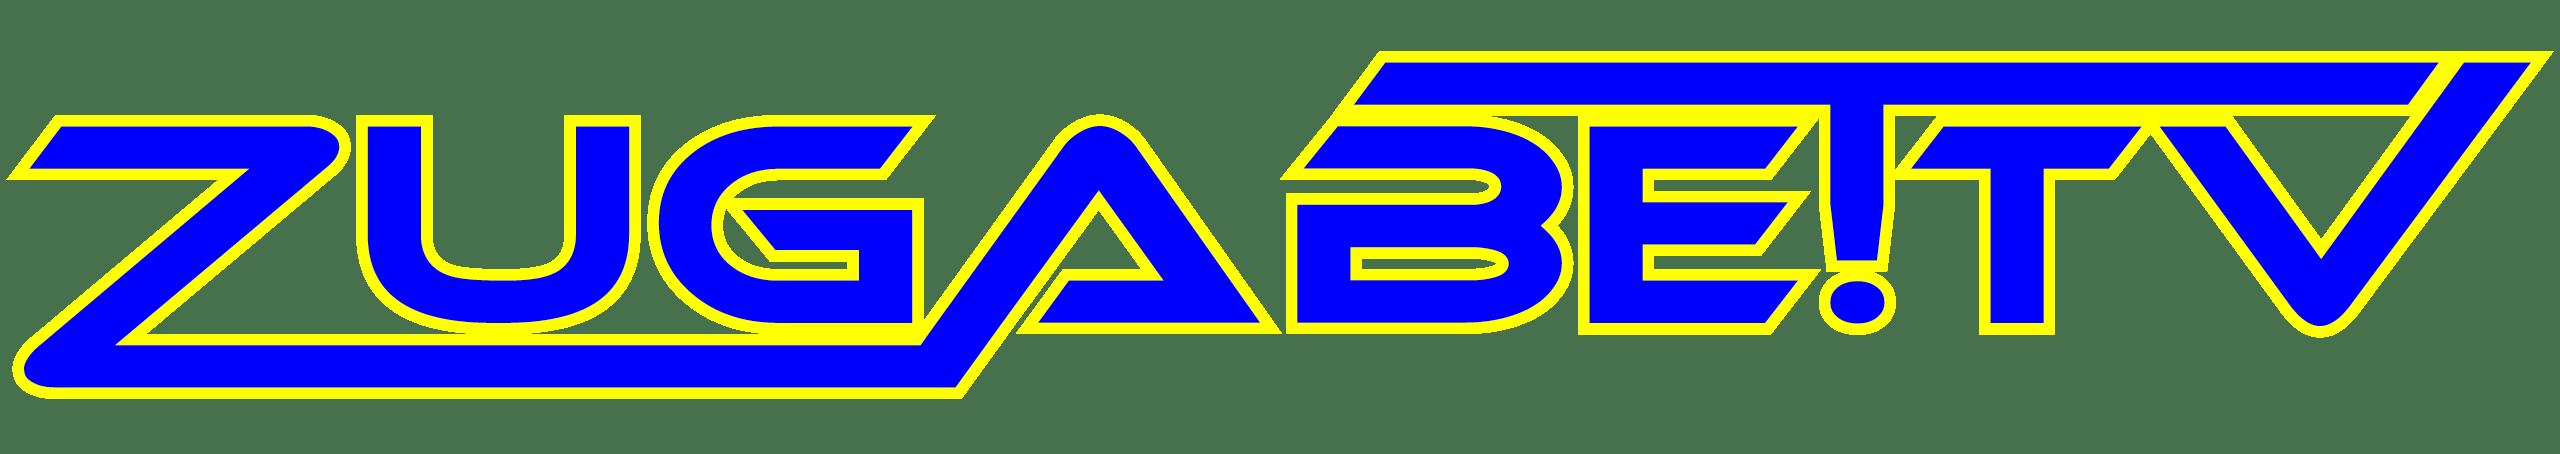 ZUGABE!TV Konzert Livestream & Aufzeichnung Logo